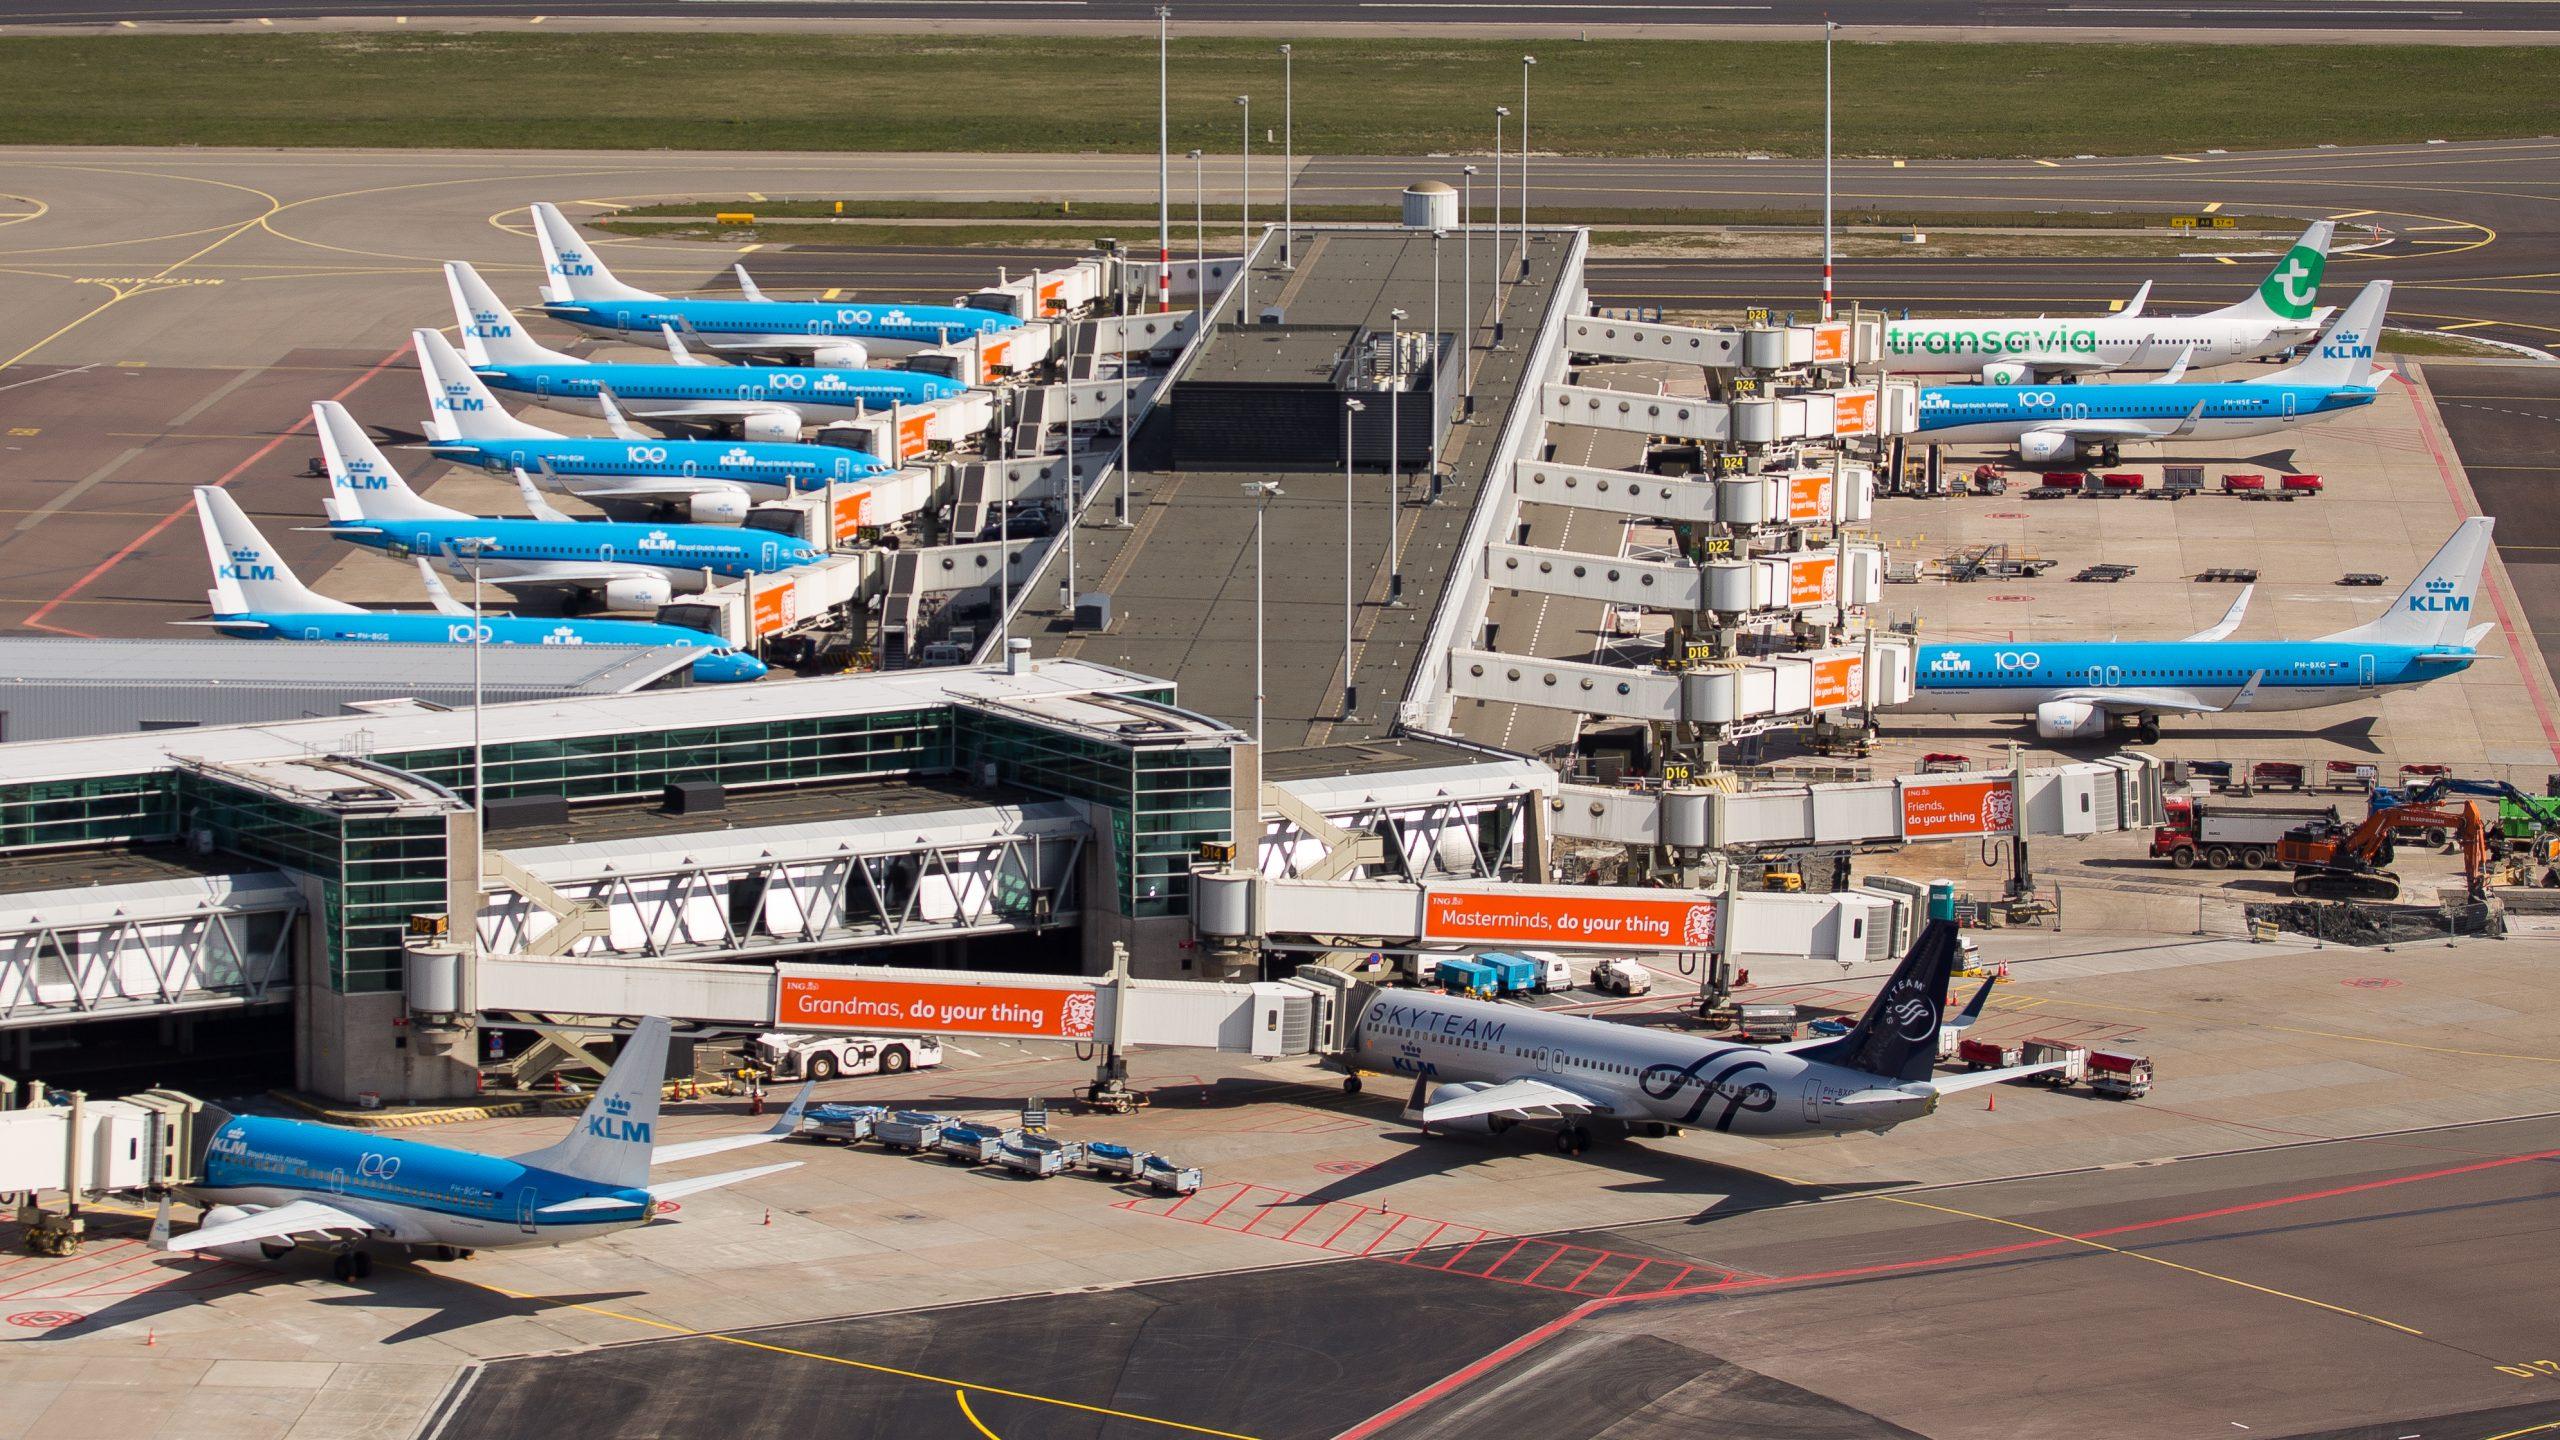 Europa har ikke, som for eksempel USA, store områder med tør ørkenluft, hvor fly kan parkeres. Derfor holder flyene typisk i de europæiske lufthavn. Her er der stor sammenstimling af KLM-fly i Amsterdams lufthavn. Foto: KLM.